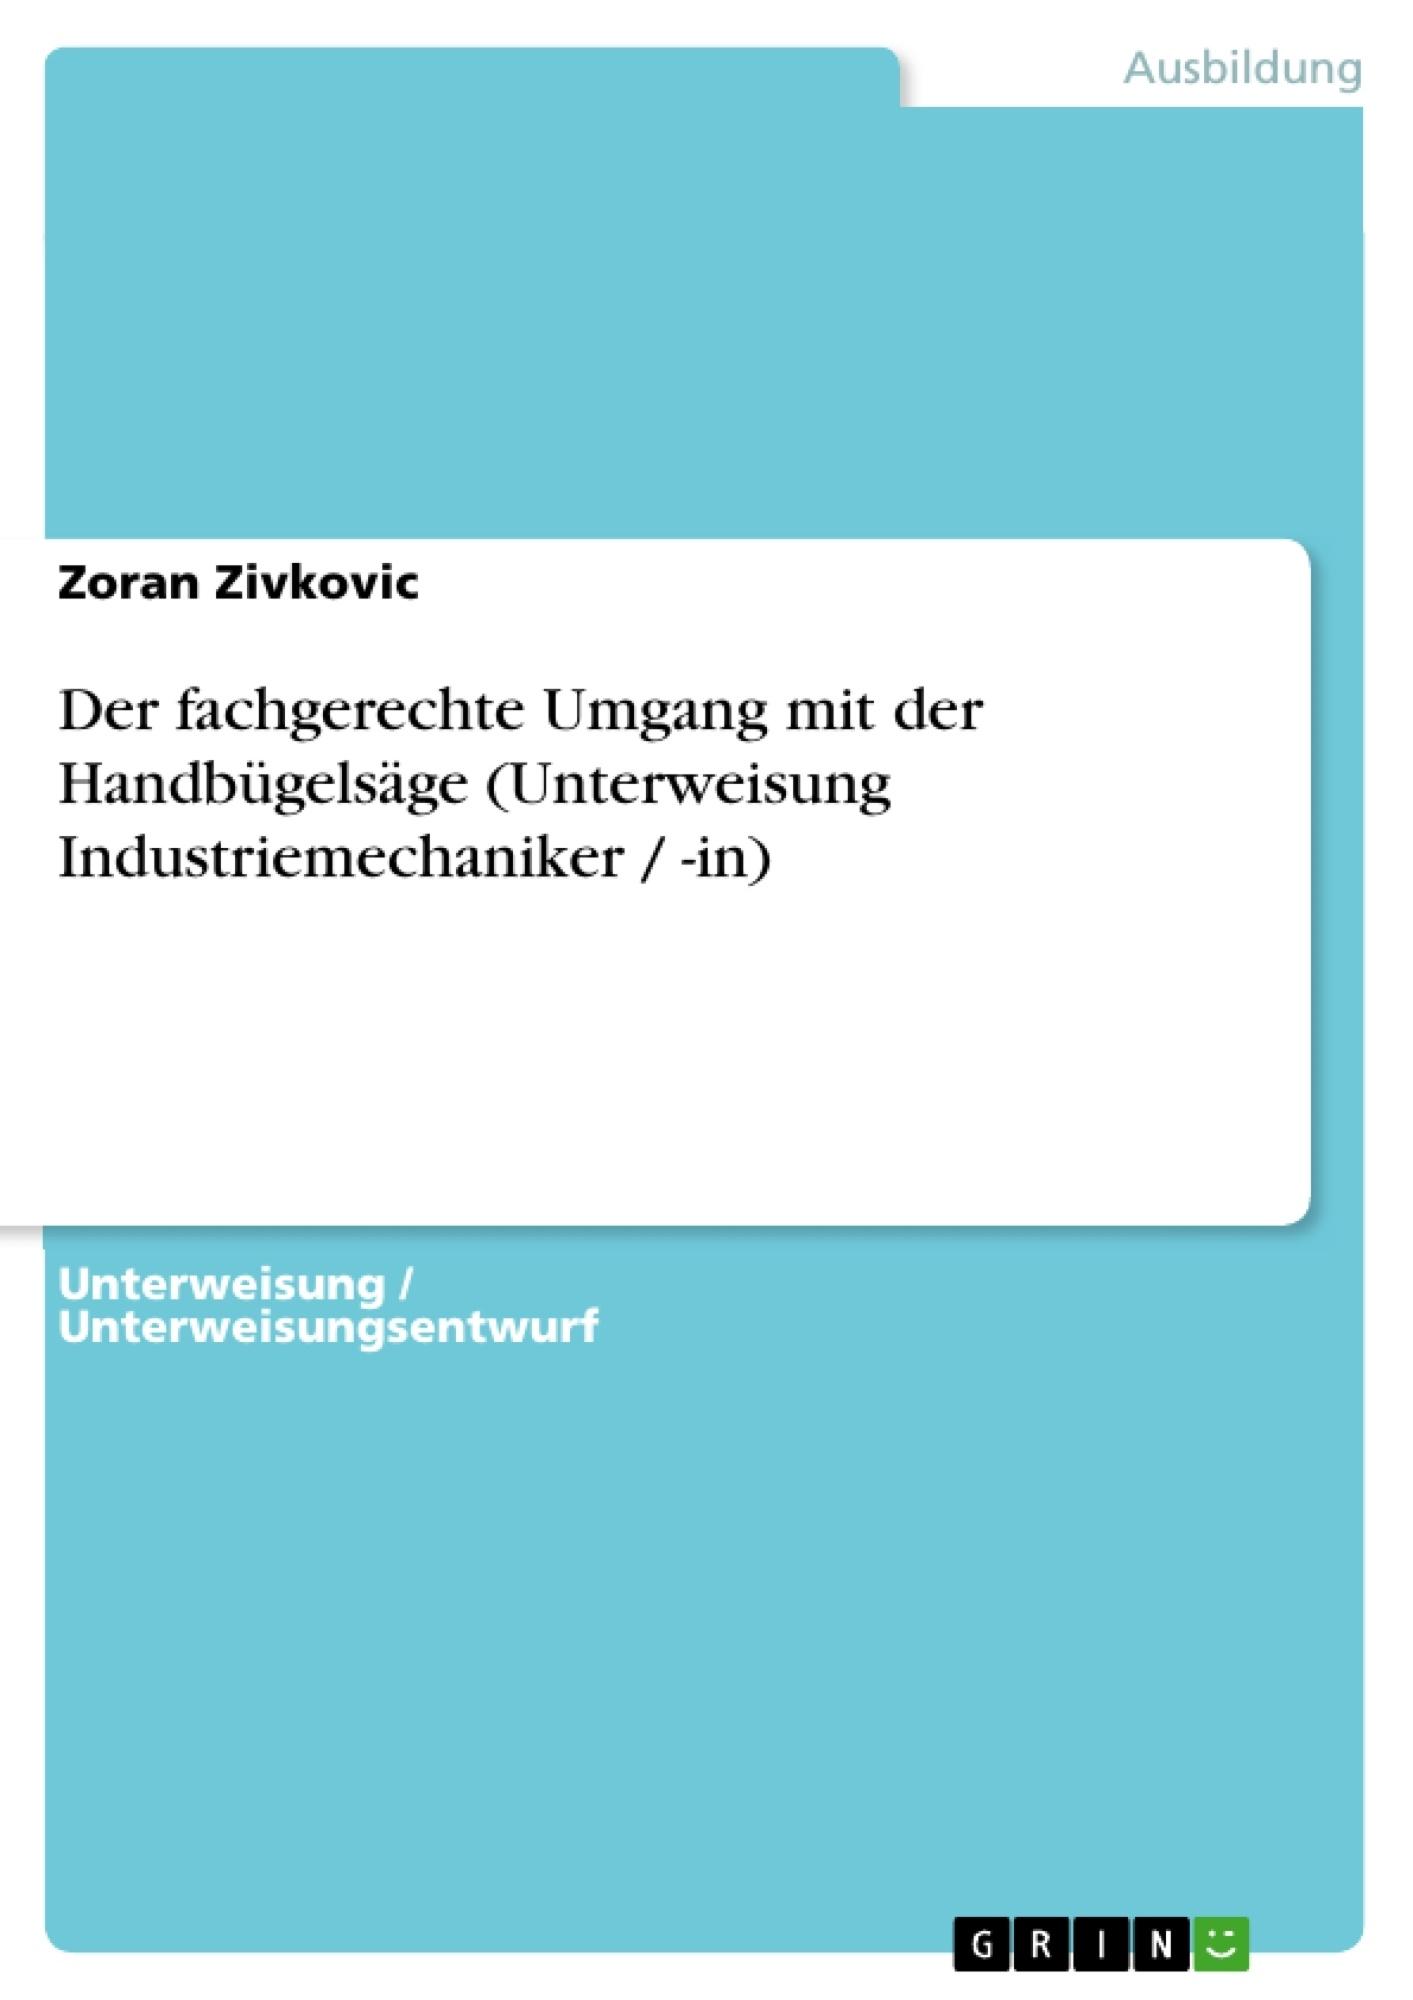 Titel: Der fachgerechte Umgang mit der Handbügelsäge (Unterweisung Industriemechaniker / -in)